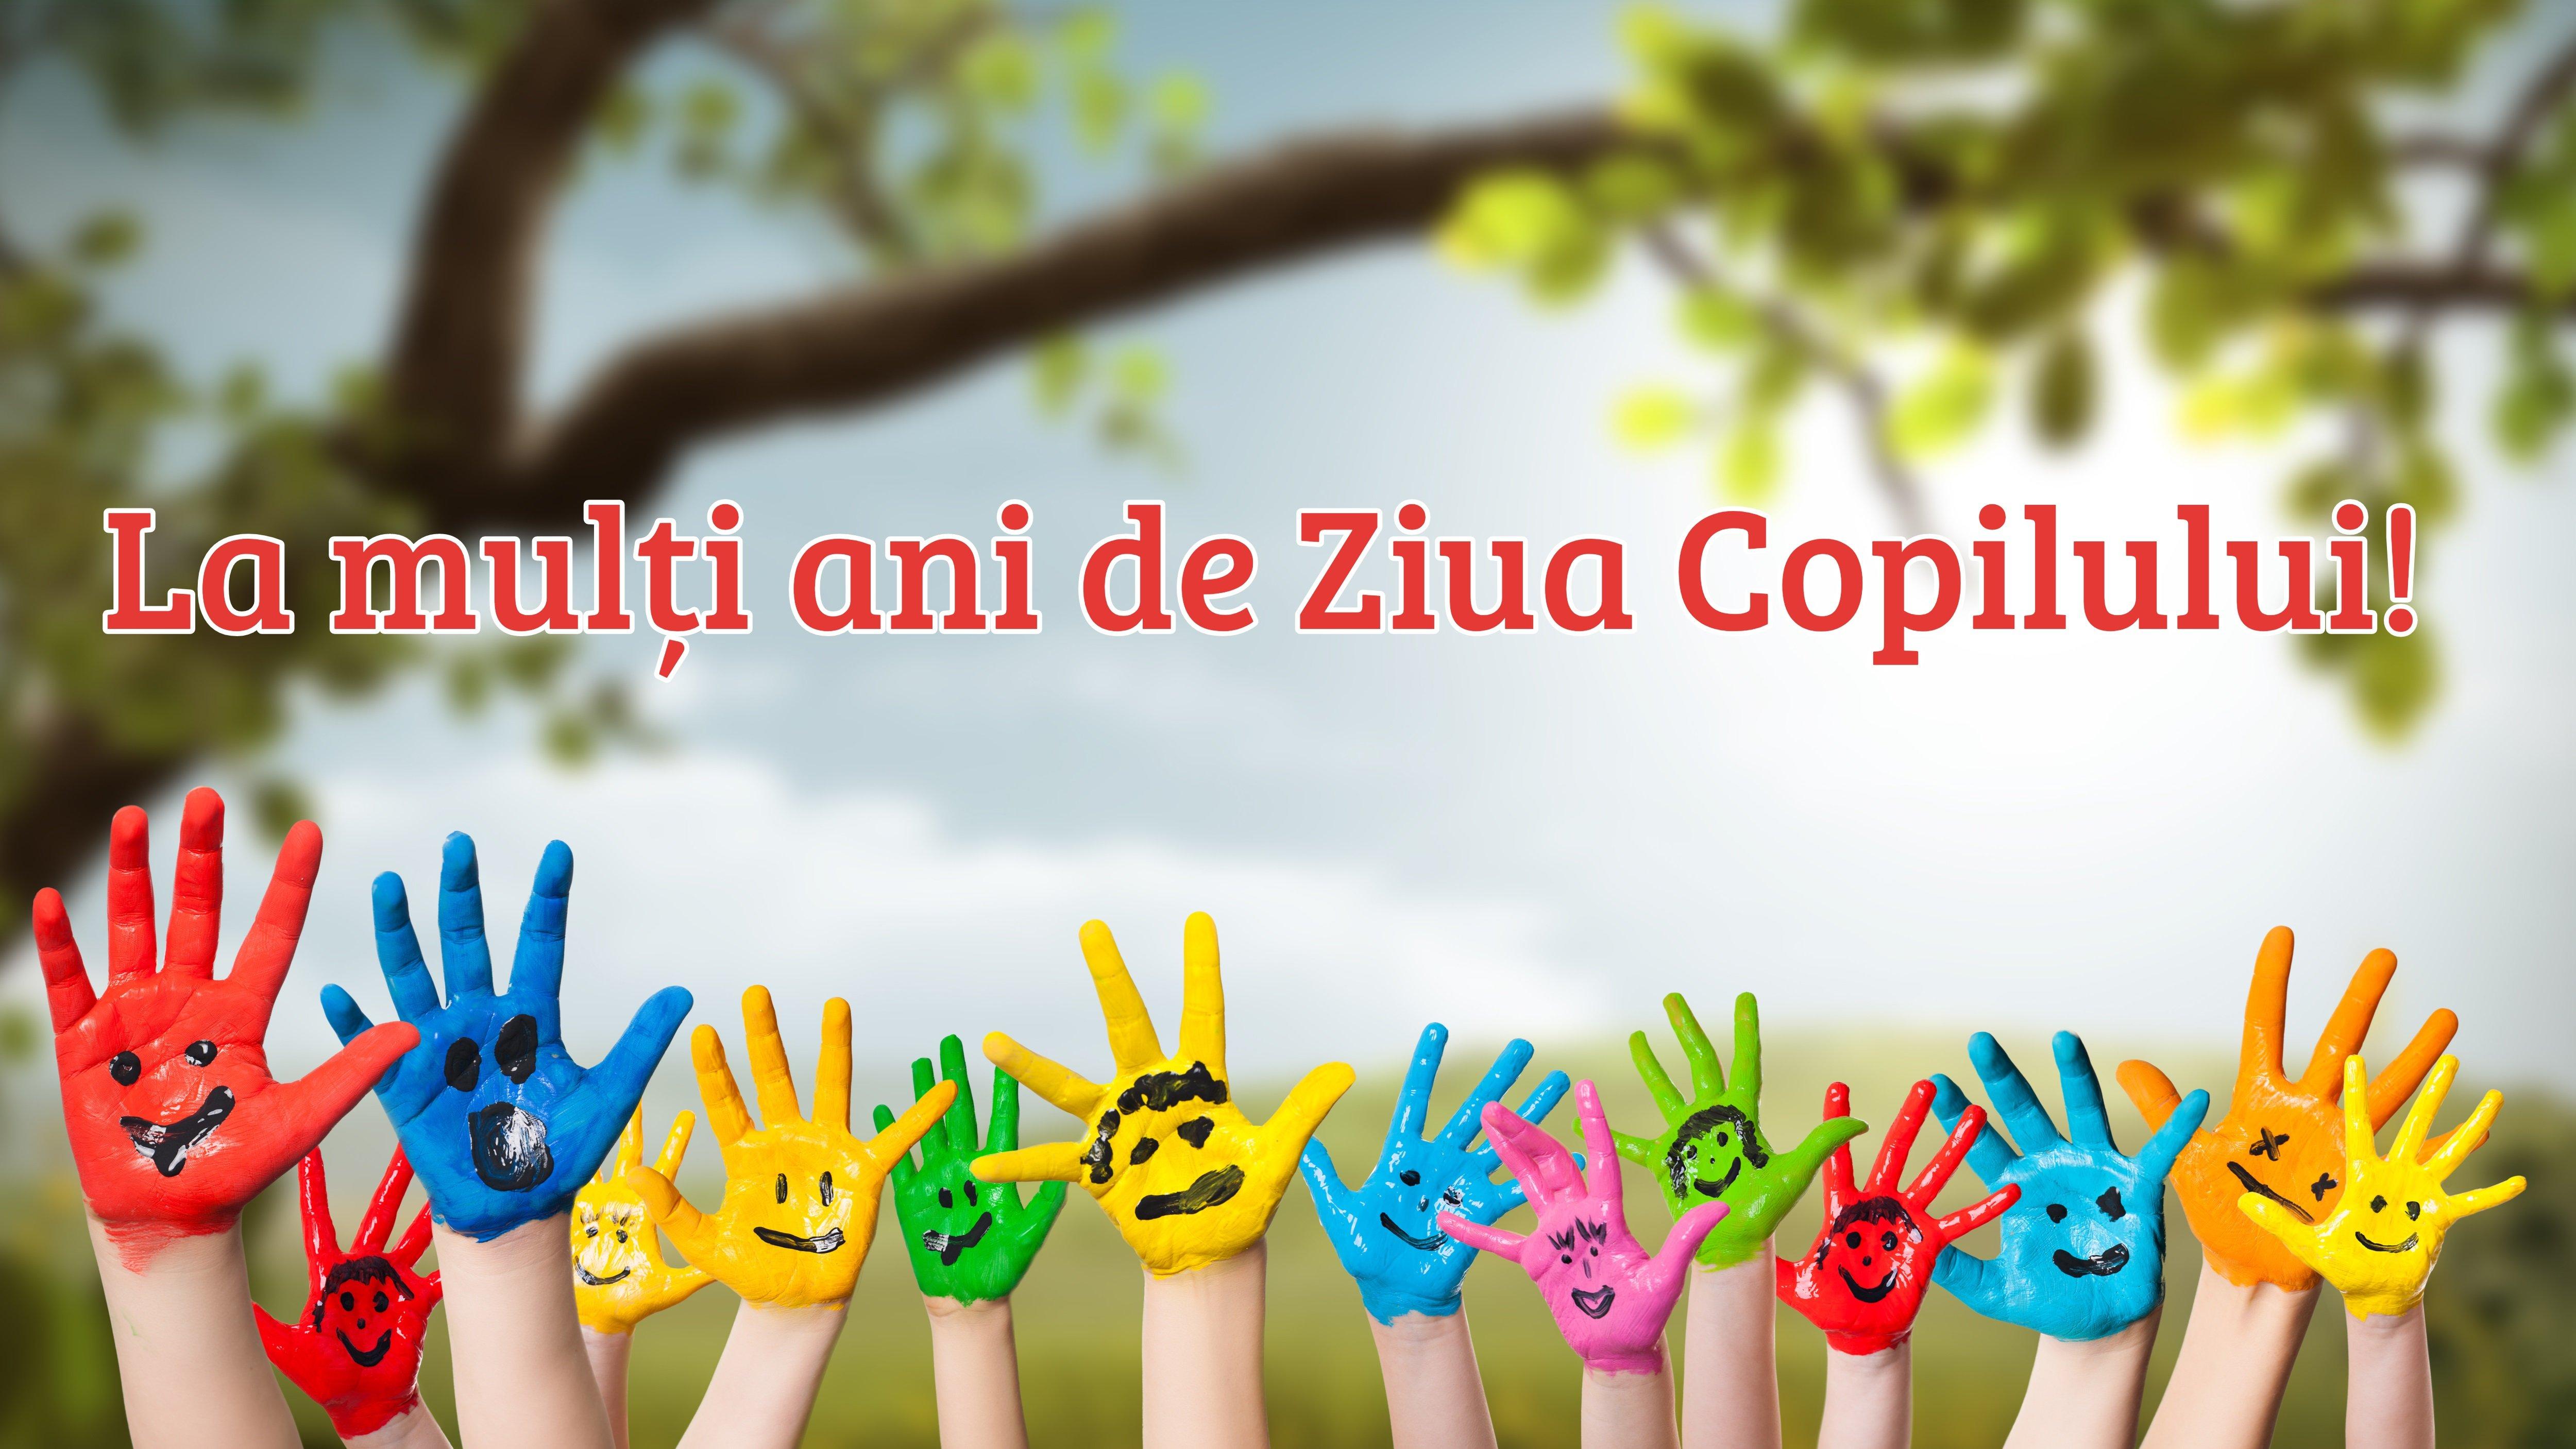 Mesaje De 1 Iunie Ziua Copilului Felicitări și Urări De Ziua Copilului Libertatea